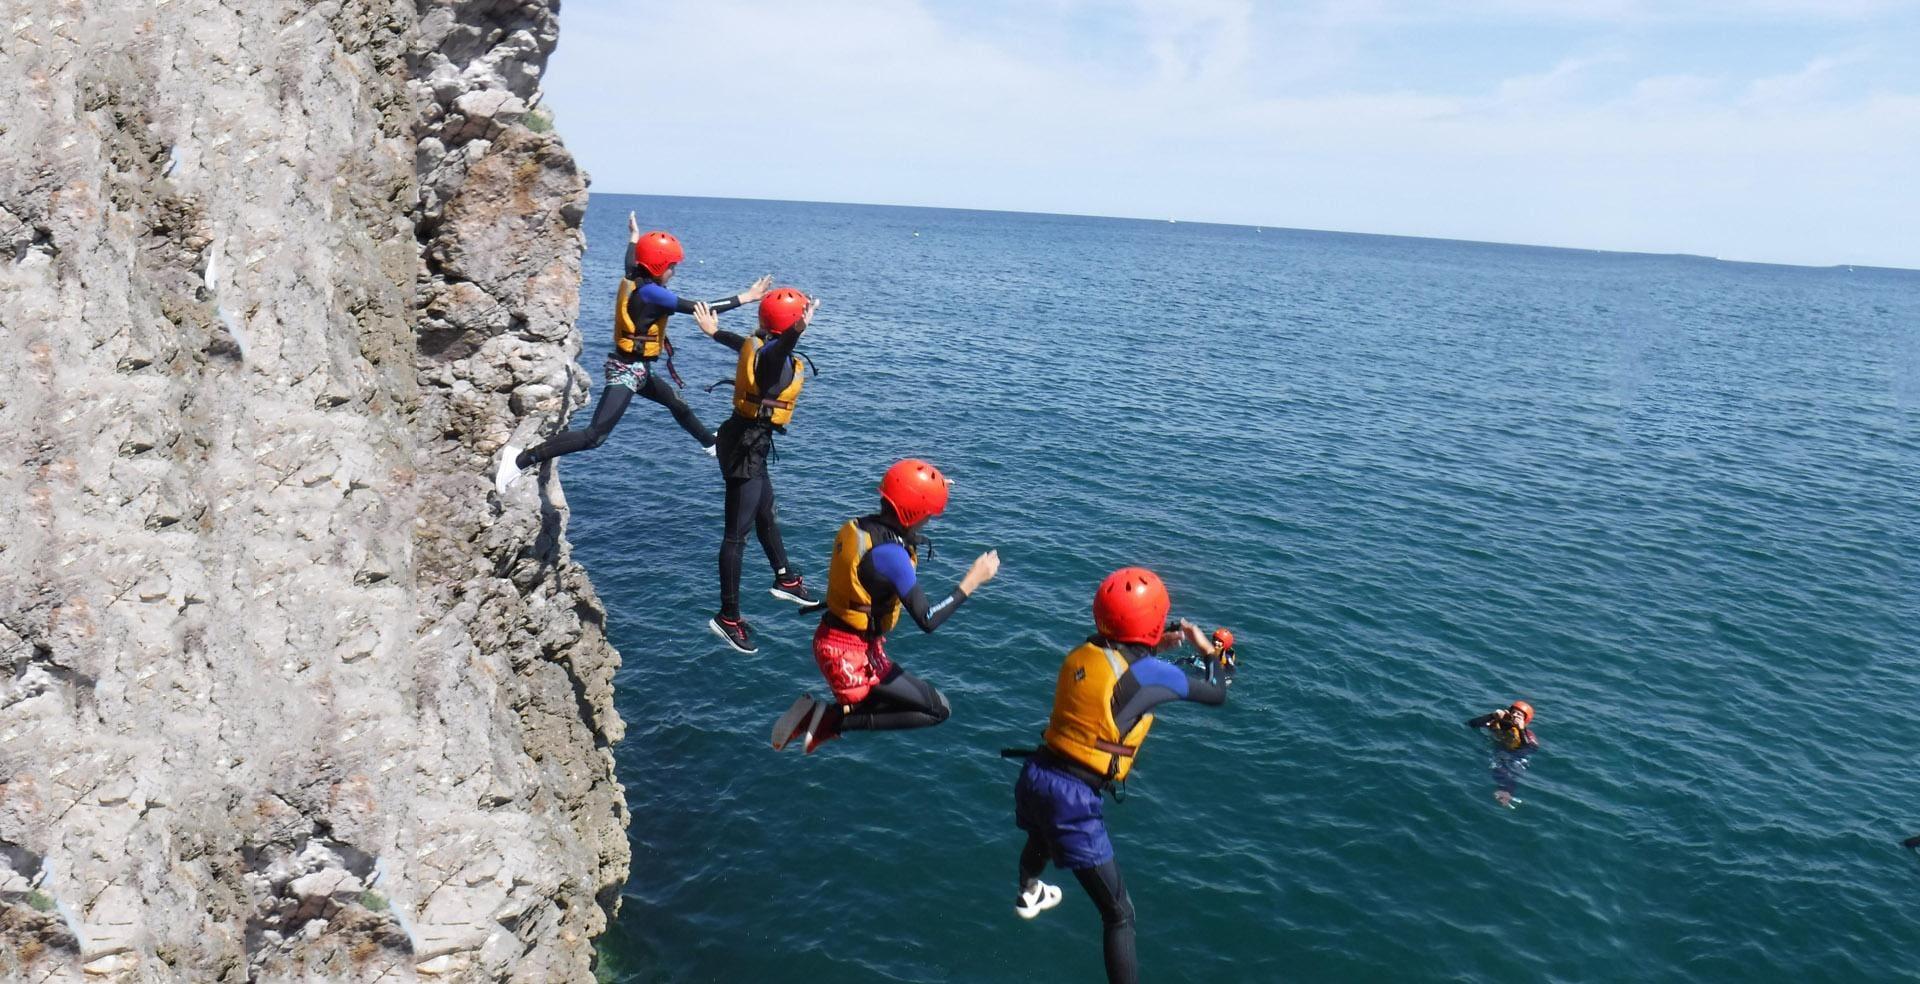 coasteeringadventure